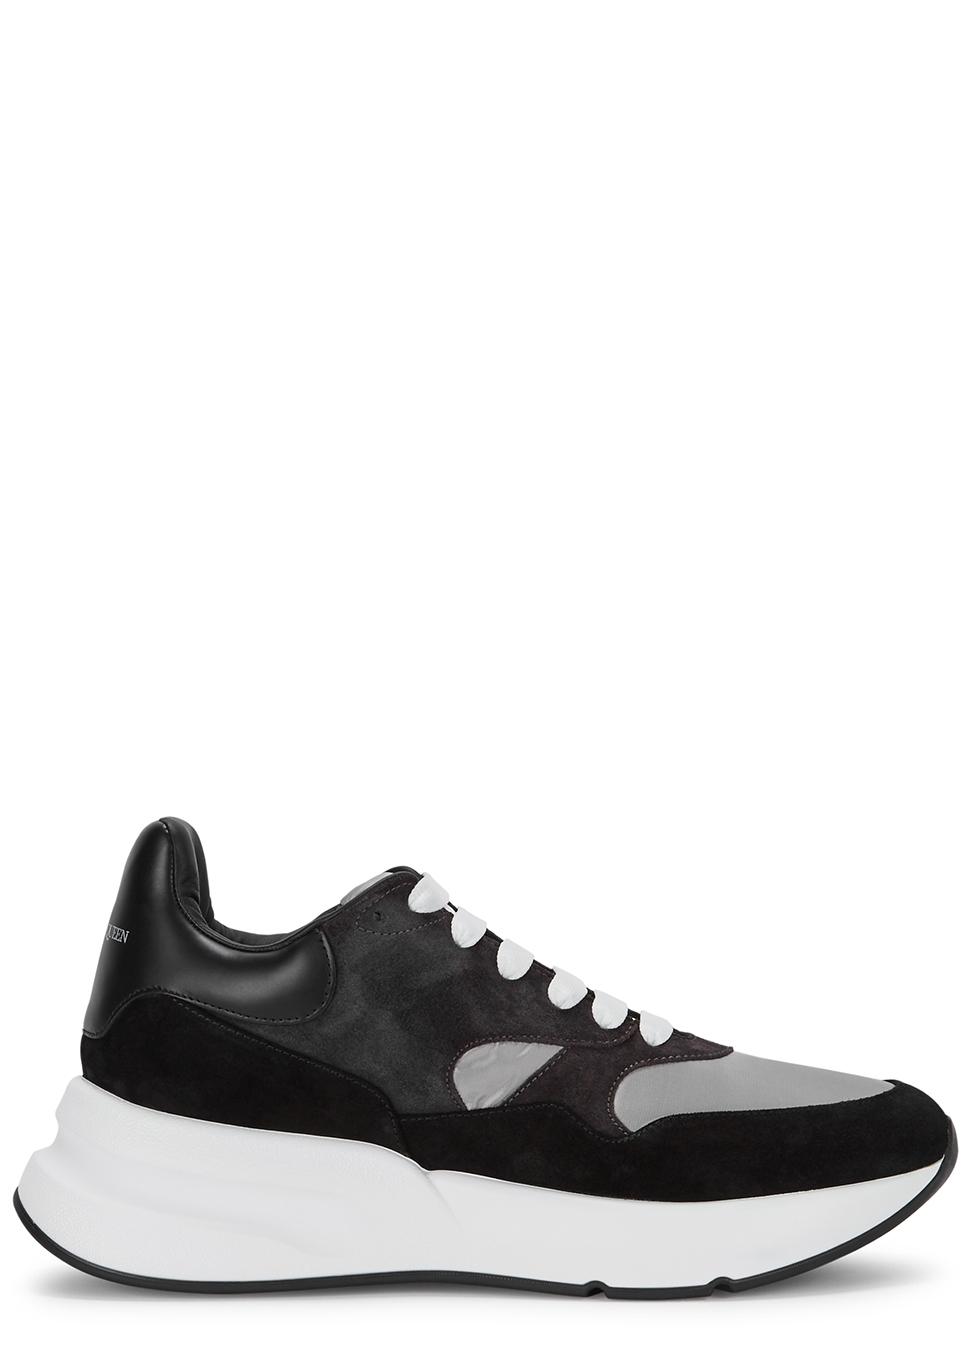 6fda145262eb Alexander McQueen Shoes - Mens - Harvey Nichols